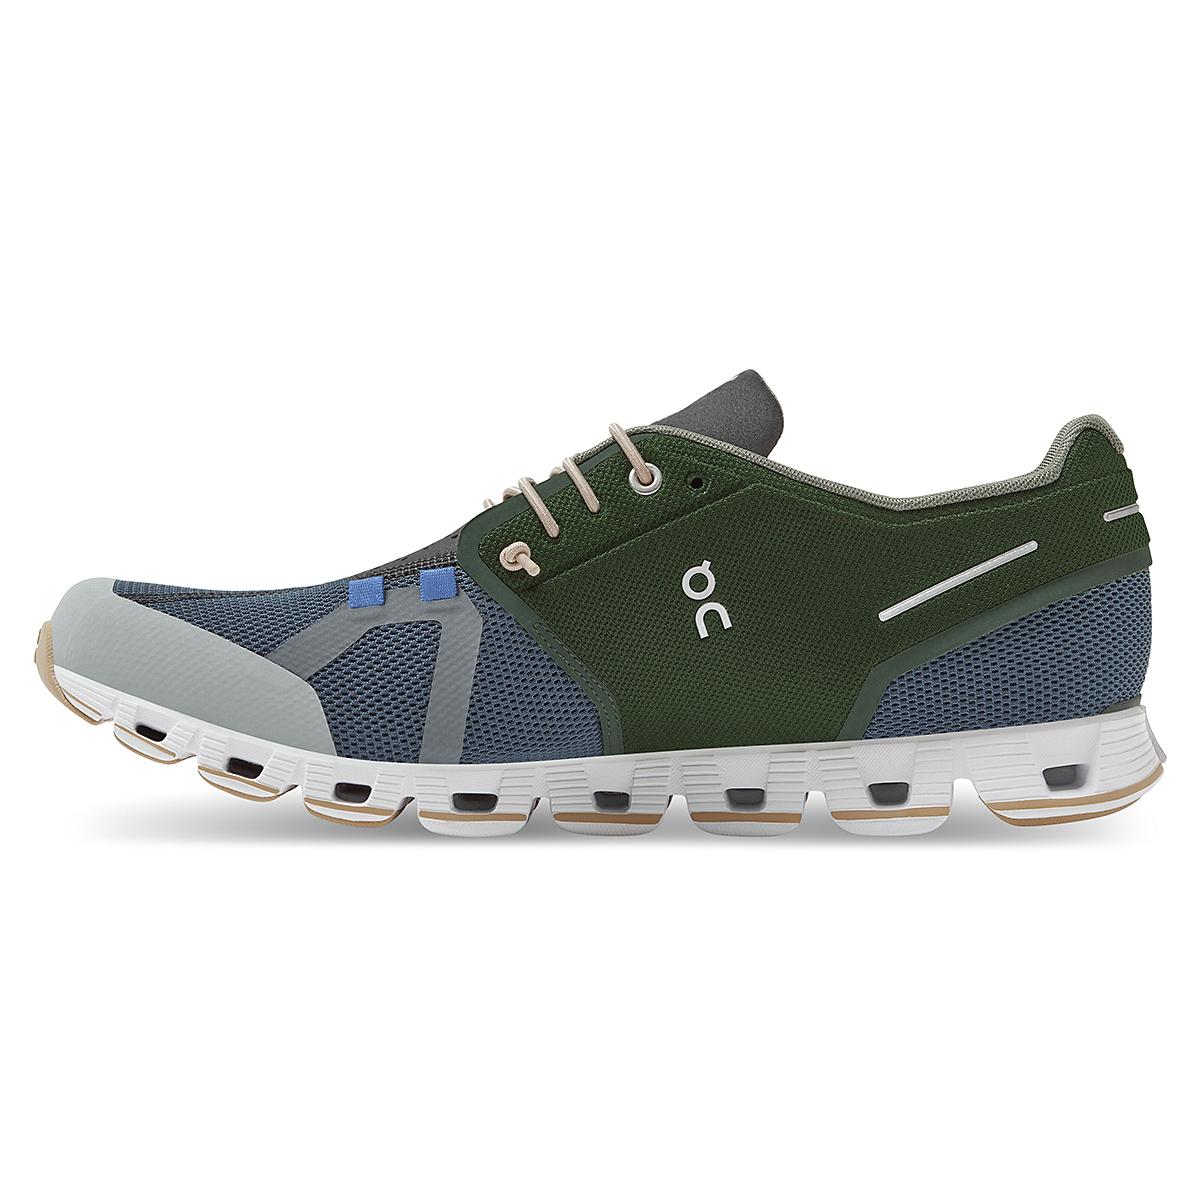 Men's On Cloud 70/30 Lifestyle Shoe - Color: Cactus/Storm - Size: 7 - Width: Regular, Cactus/Storm, large, image 2